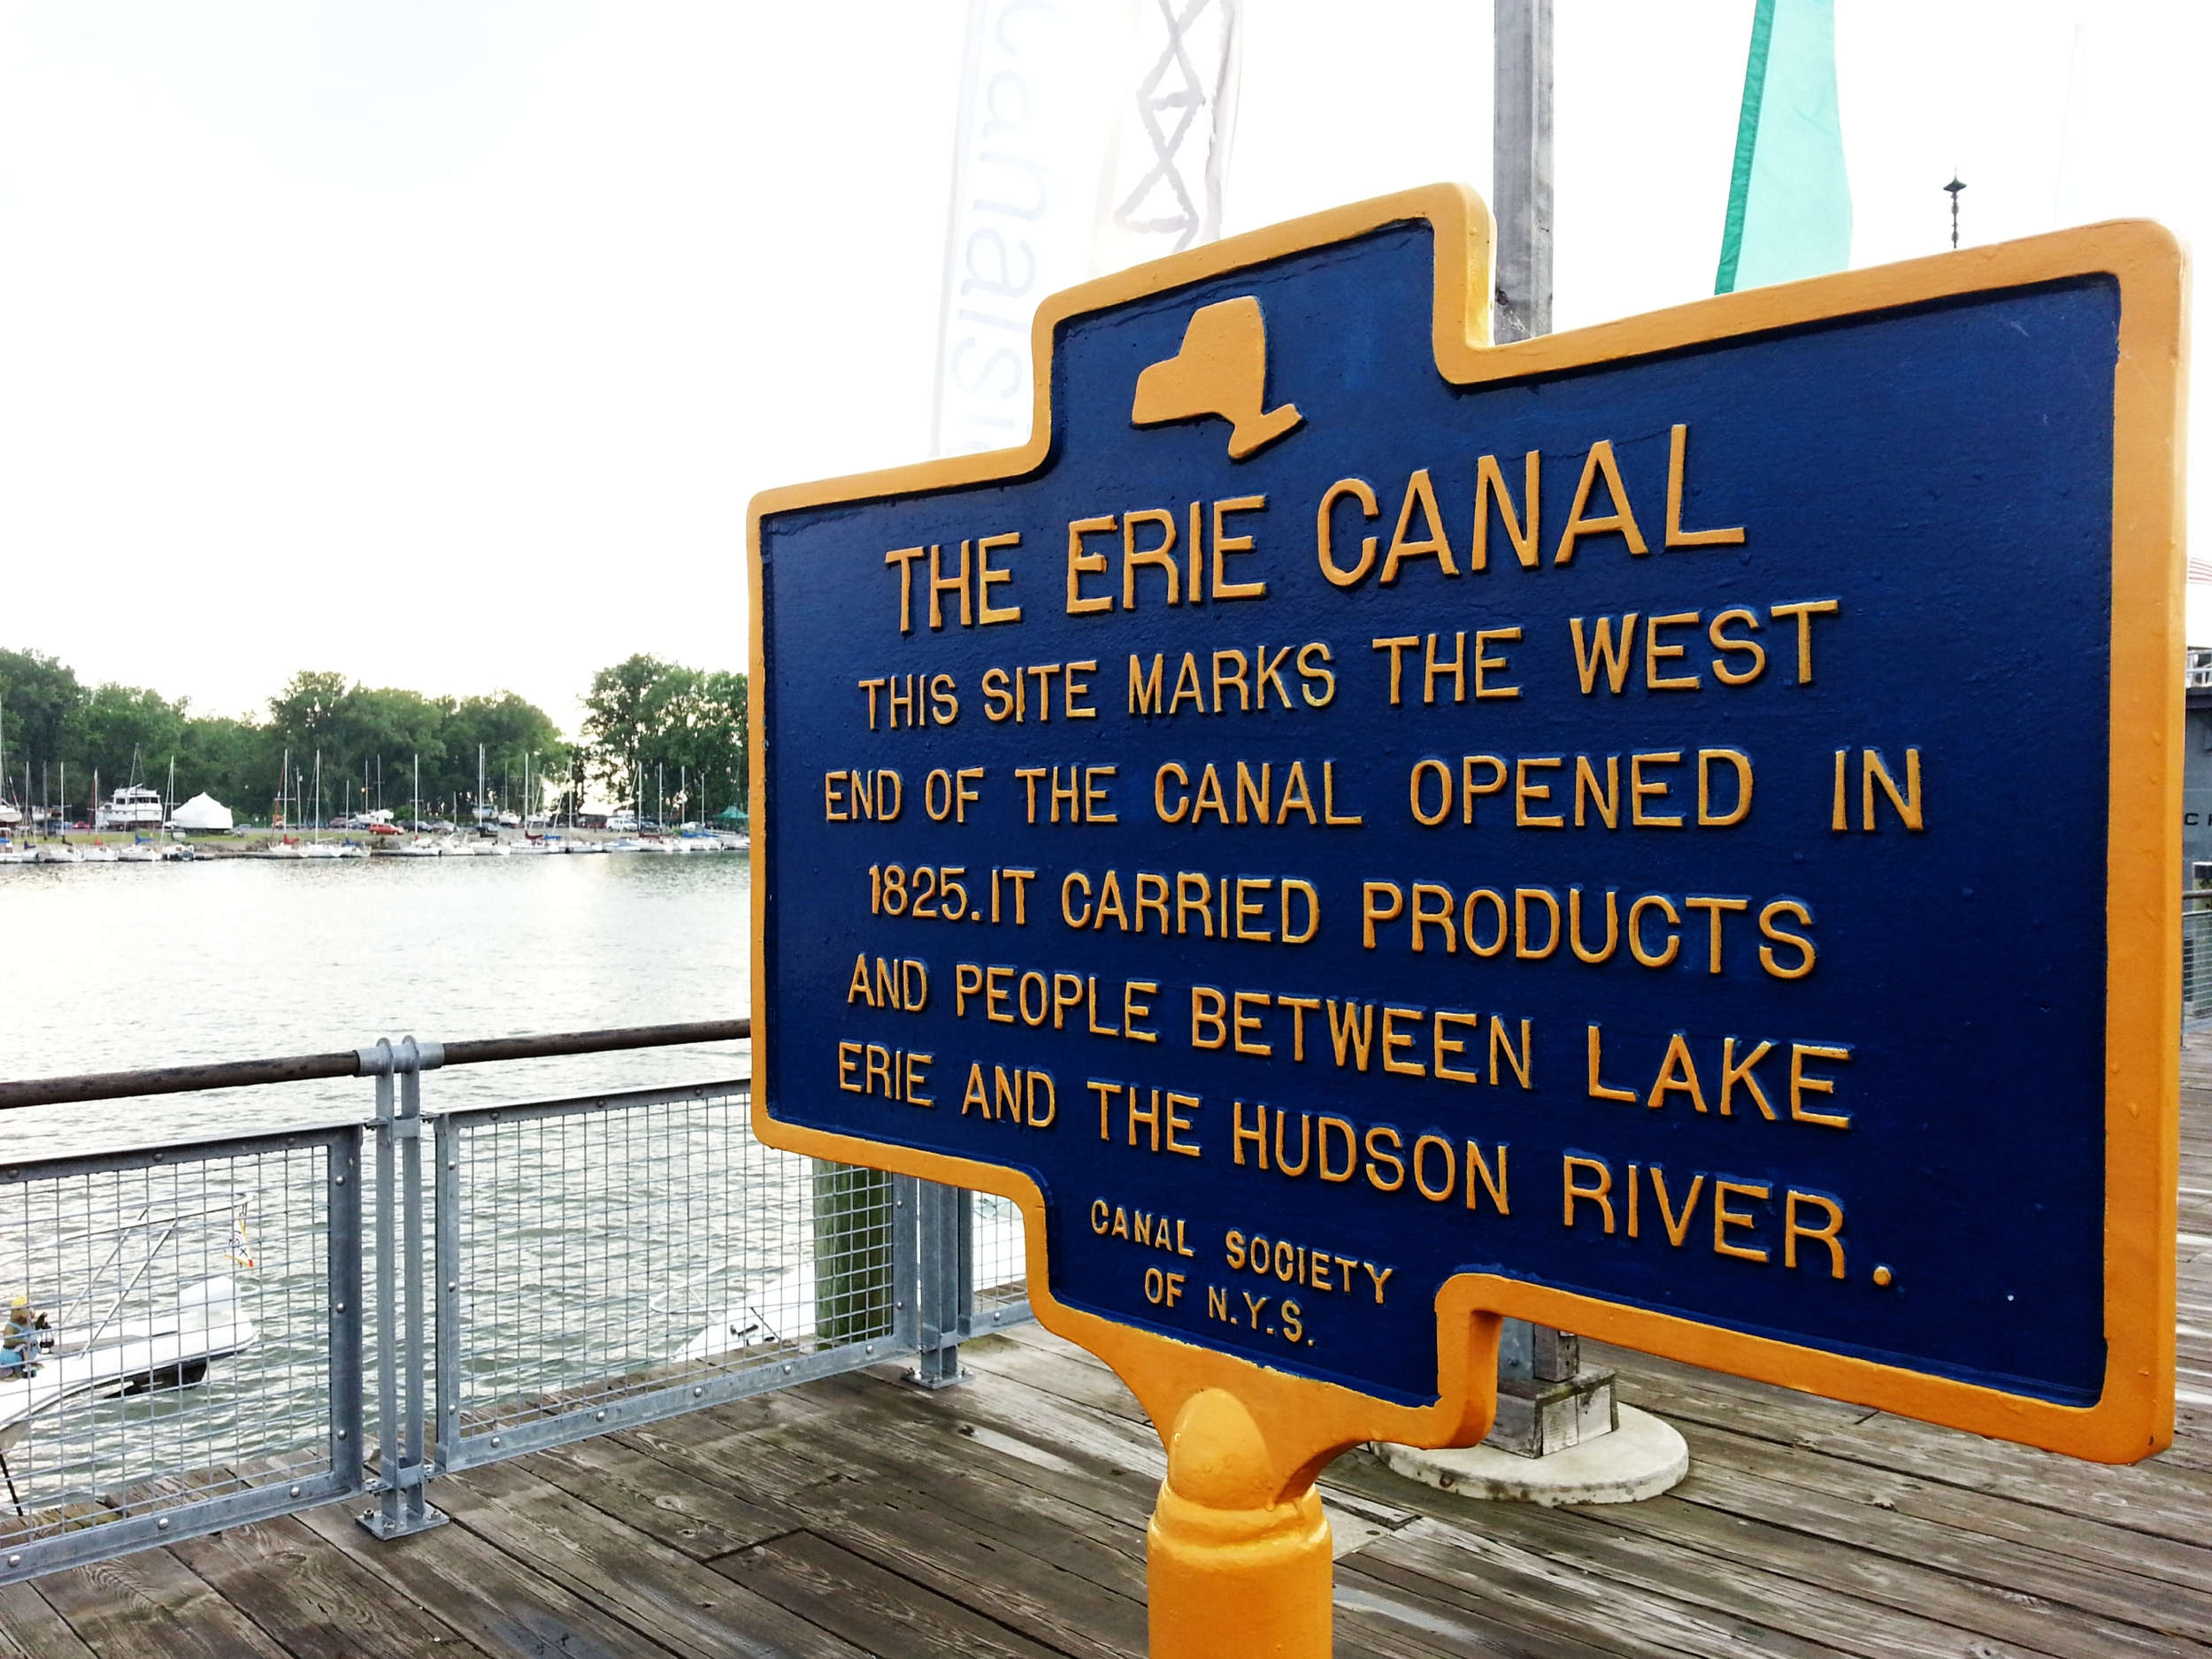 Canalside Buffalo.